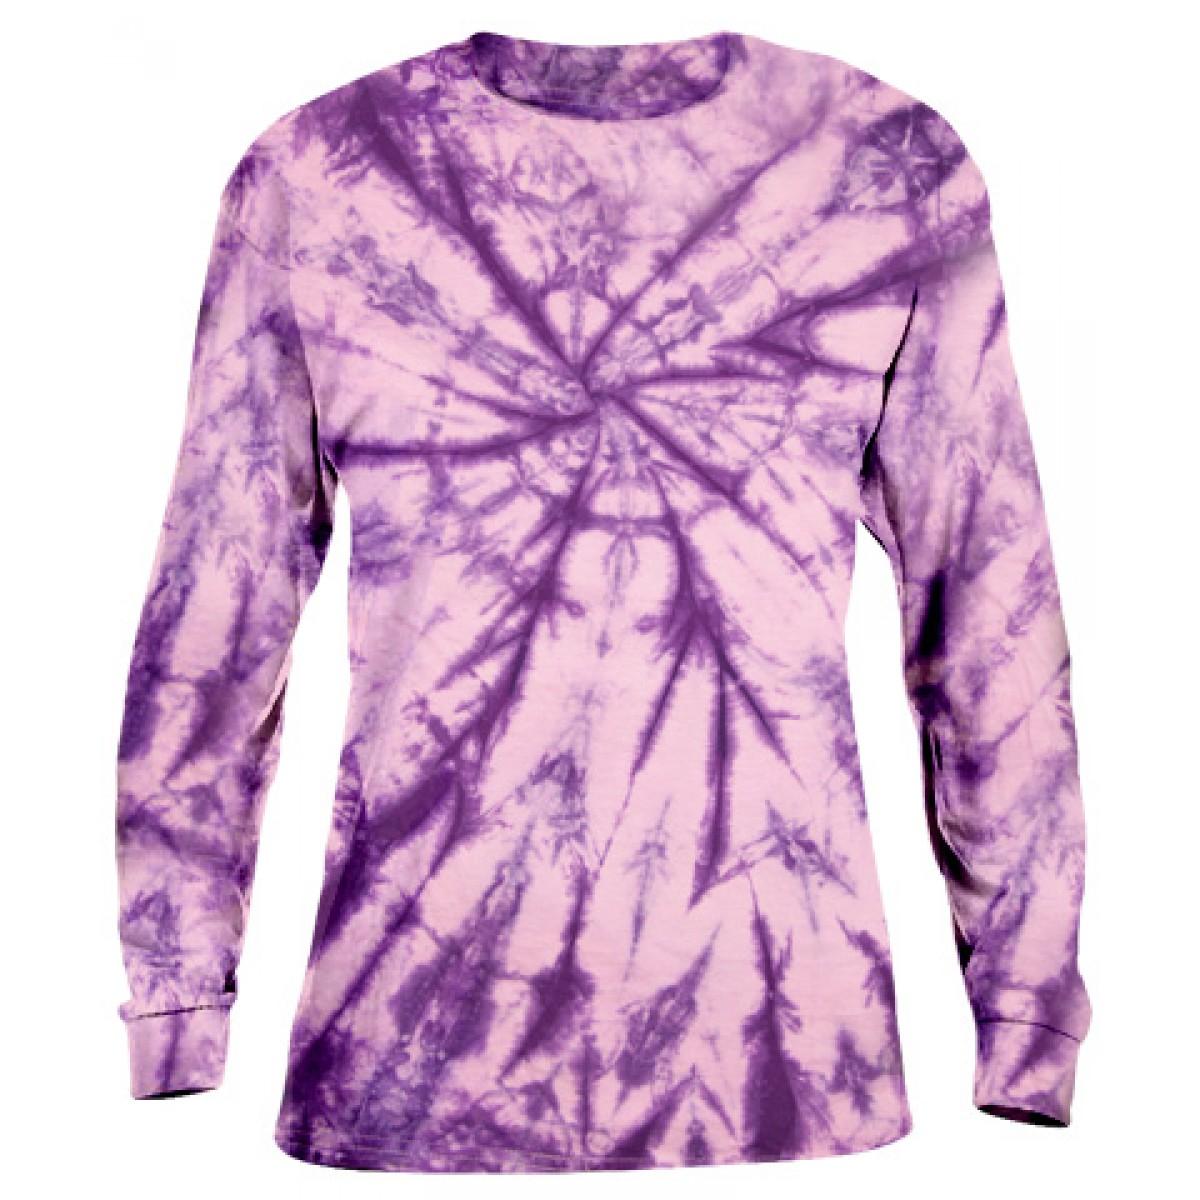 Tie-Dye Long Sleeve Shirt -Purple-YS